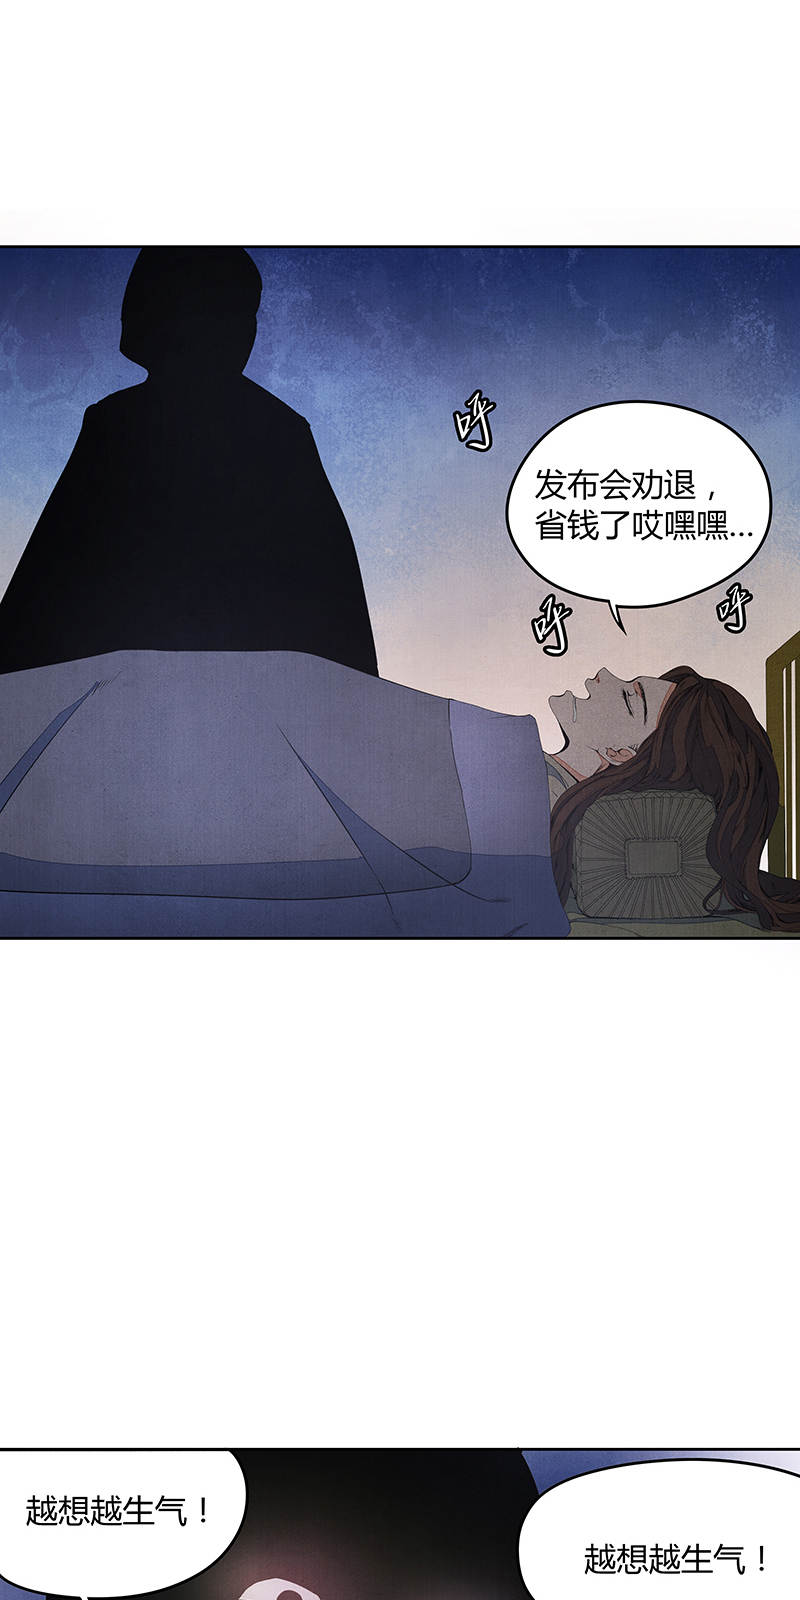 逍遥游第34话  奇人仙名如鹊起 第 4